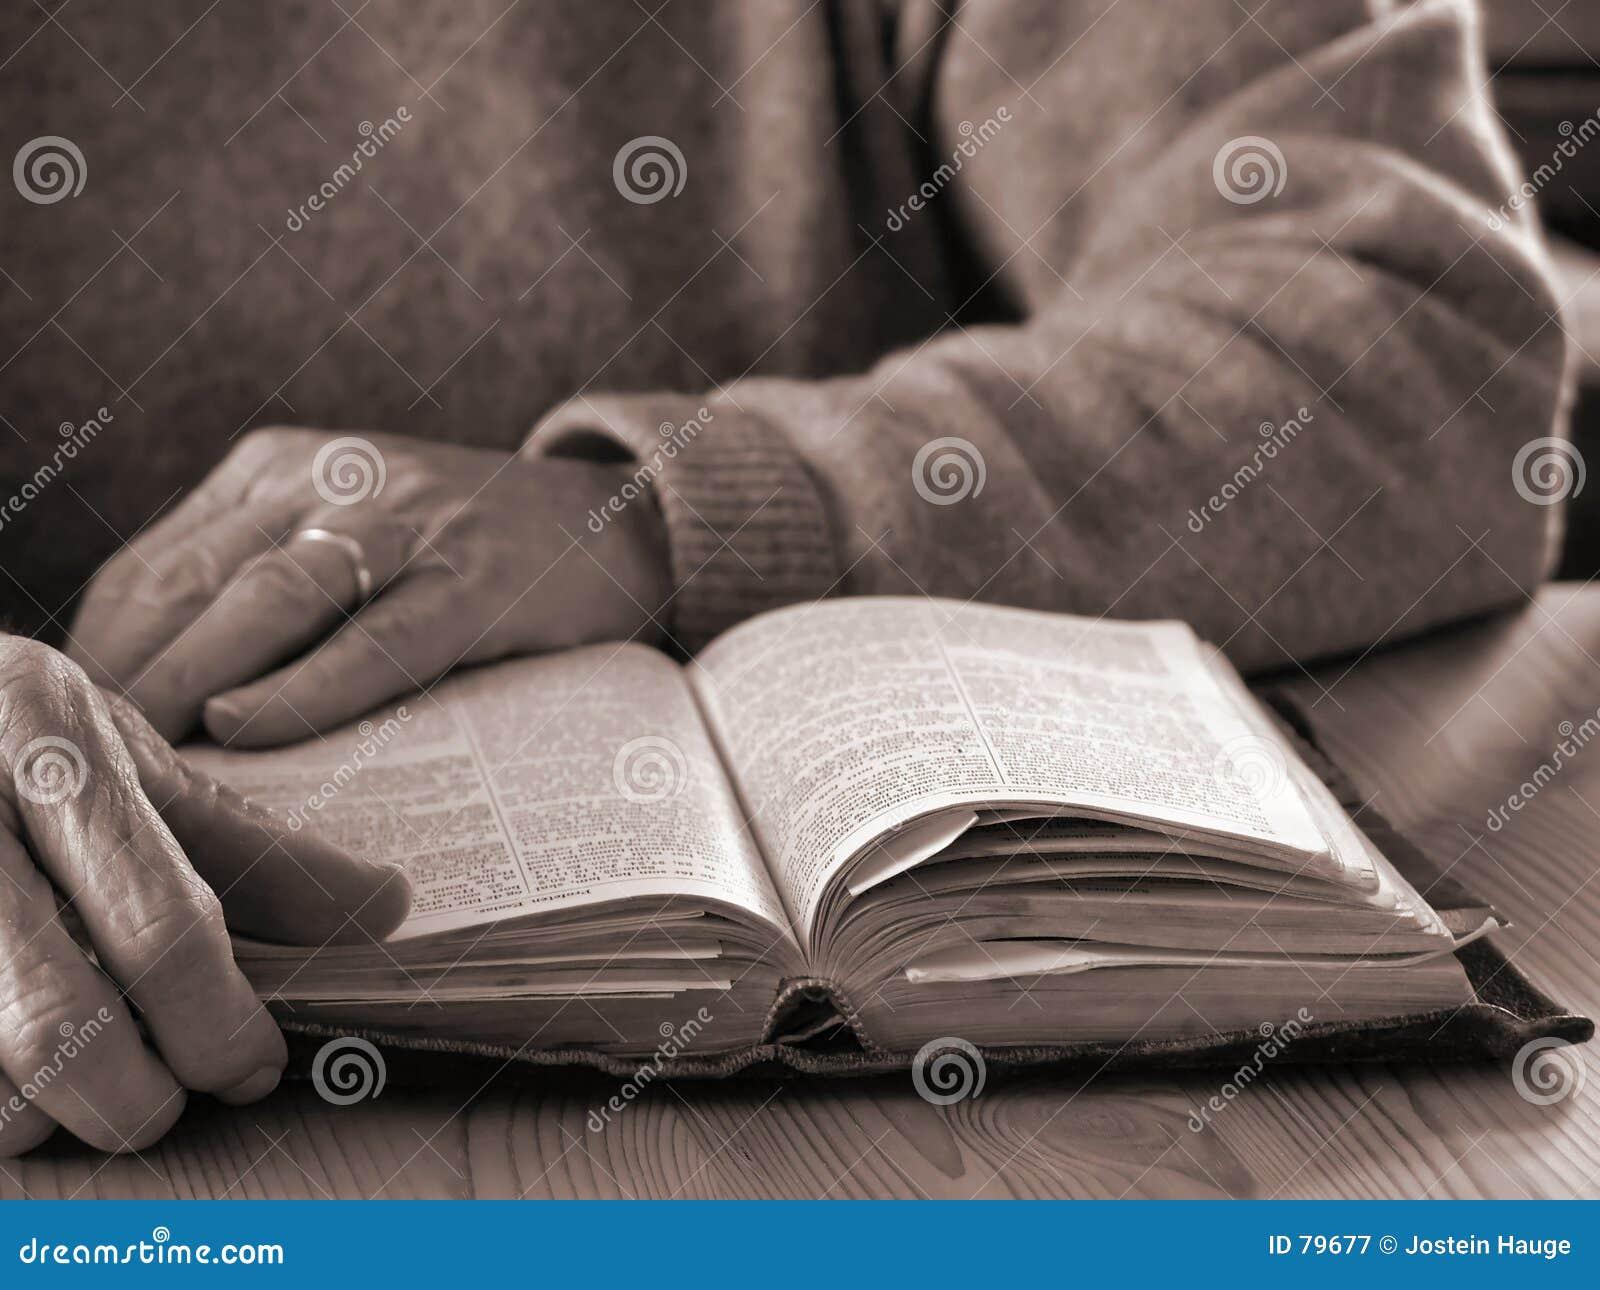 продолжительность жизни faith2